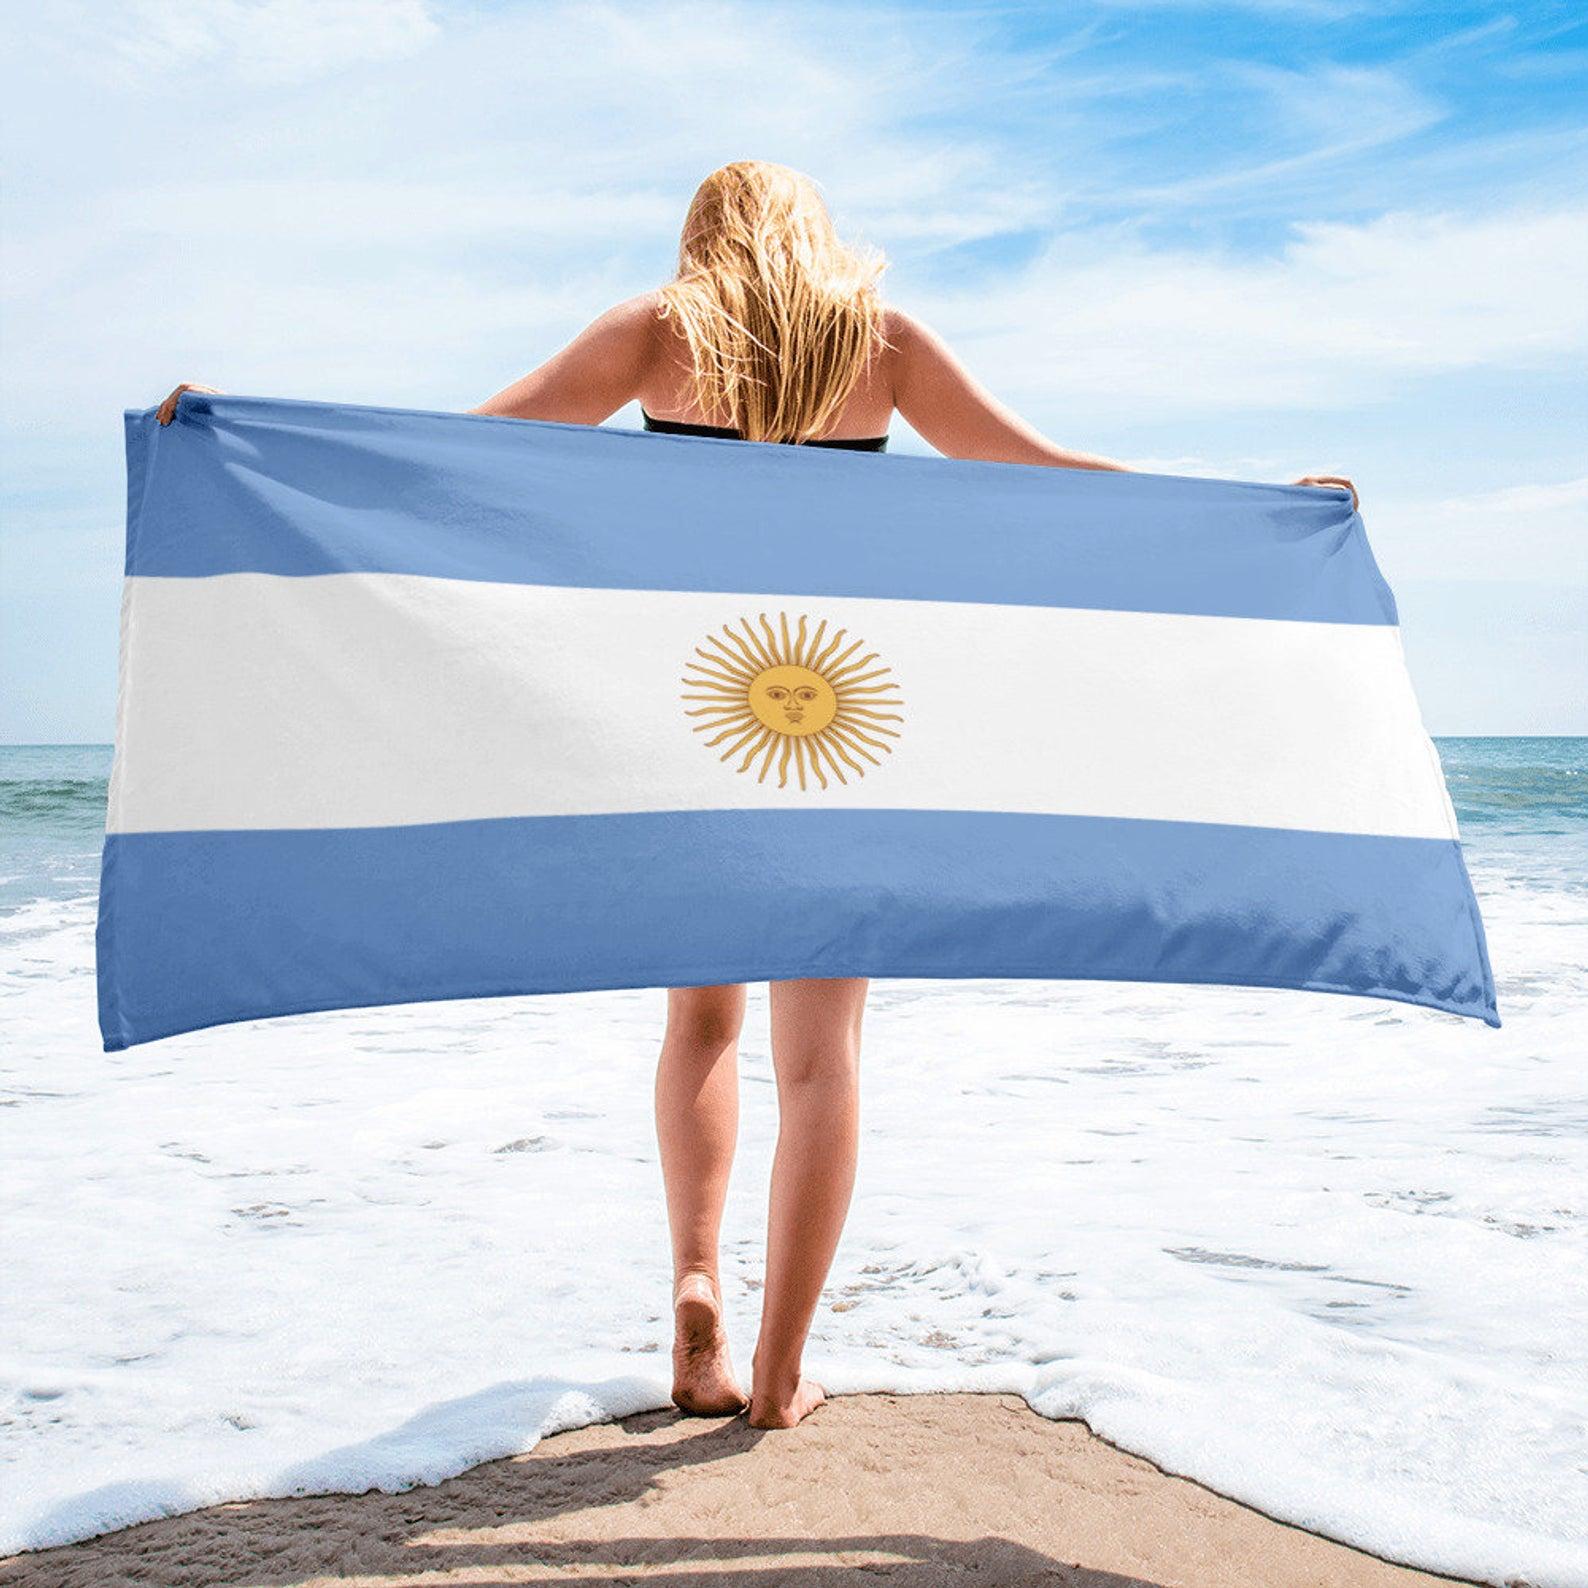 hombres ni/ños ni/ñas Toalla de playa de microfibra con bandera de Uruguay Dise/ño de personalidad de gran tama/ño 31.5 x 51 pulgadas Toallas de piscina s/úper absorbentes suaves para adultos mujeres